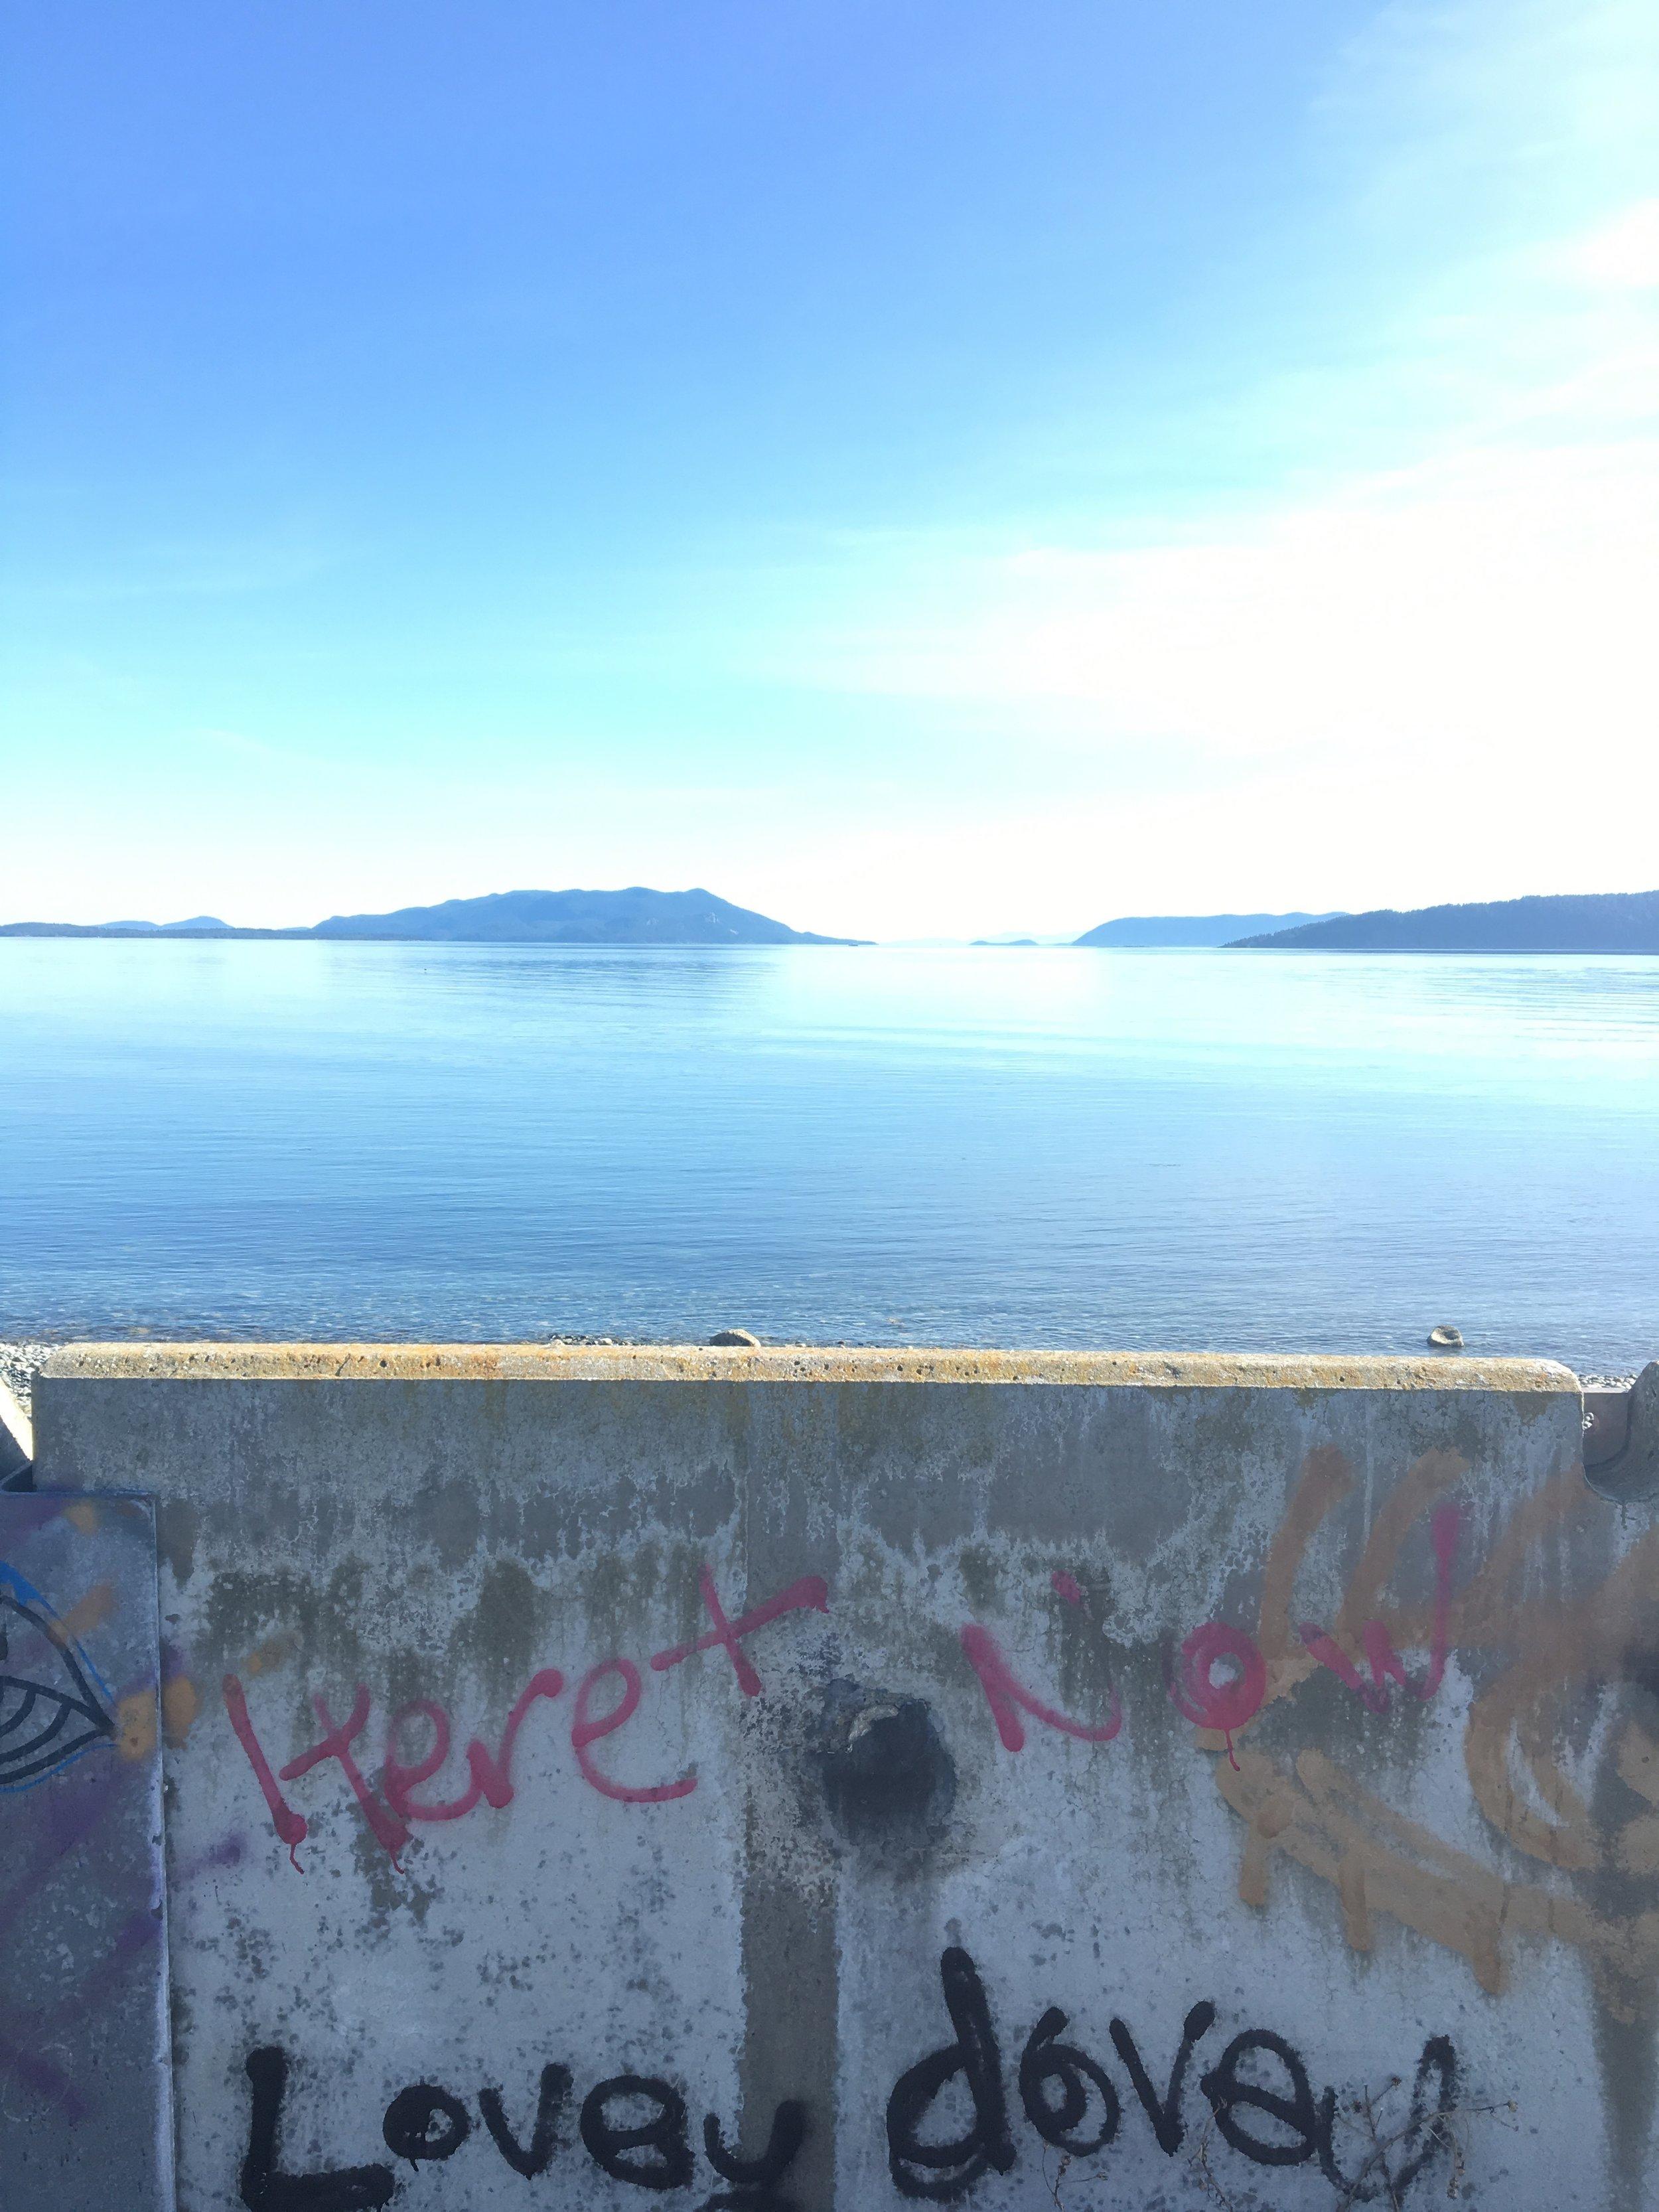 Unfiltered magic at Lummi Island May 2016